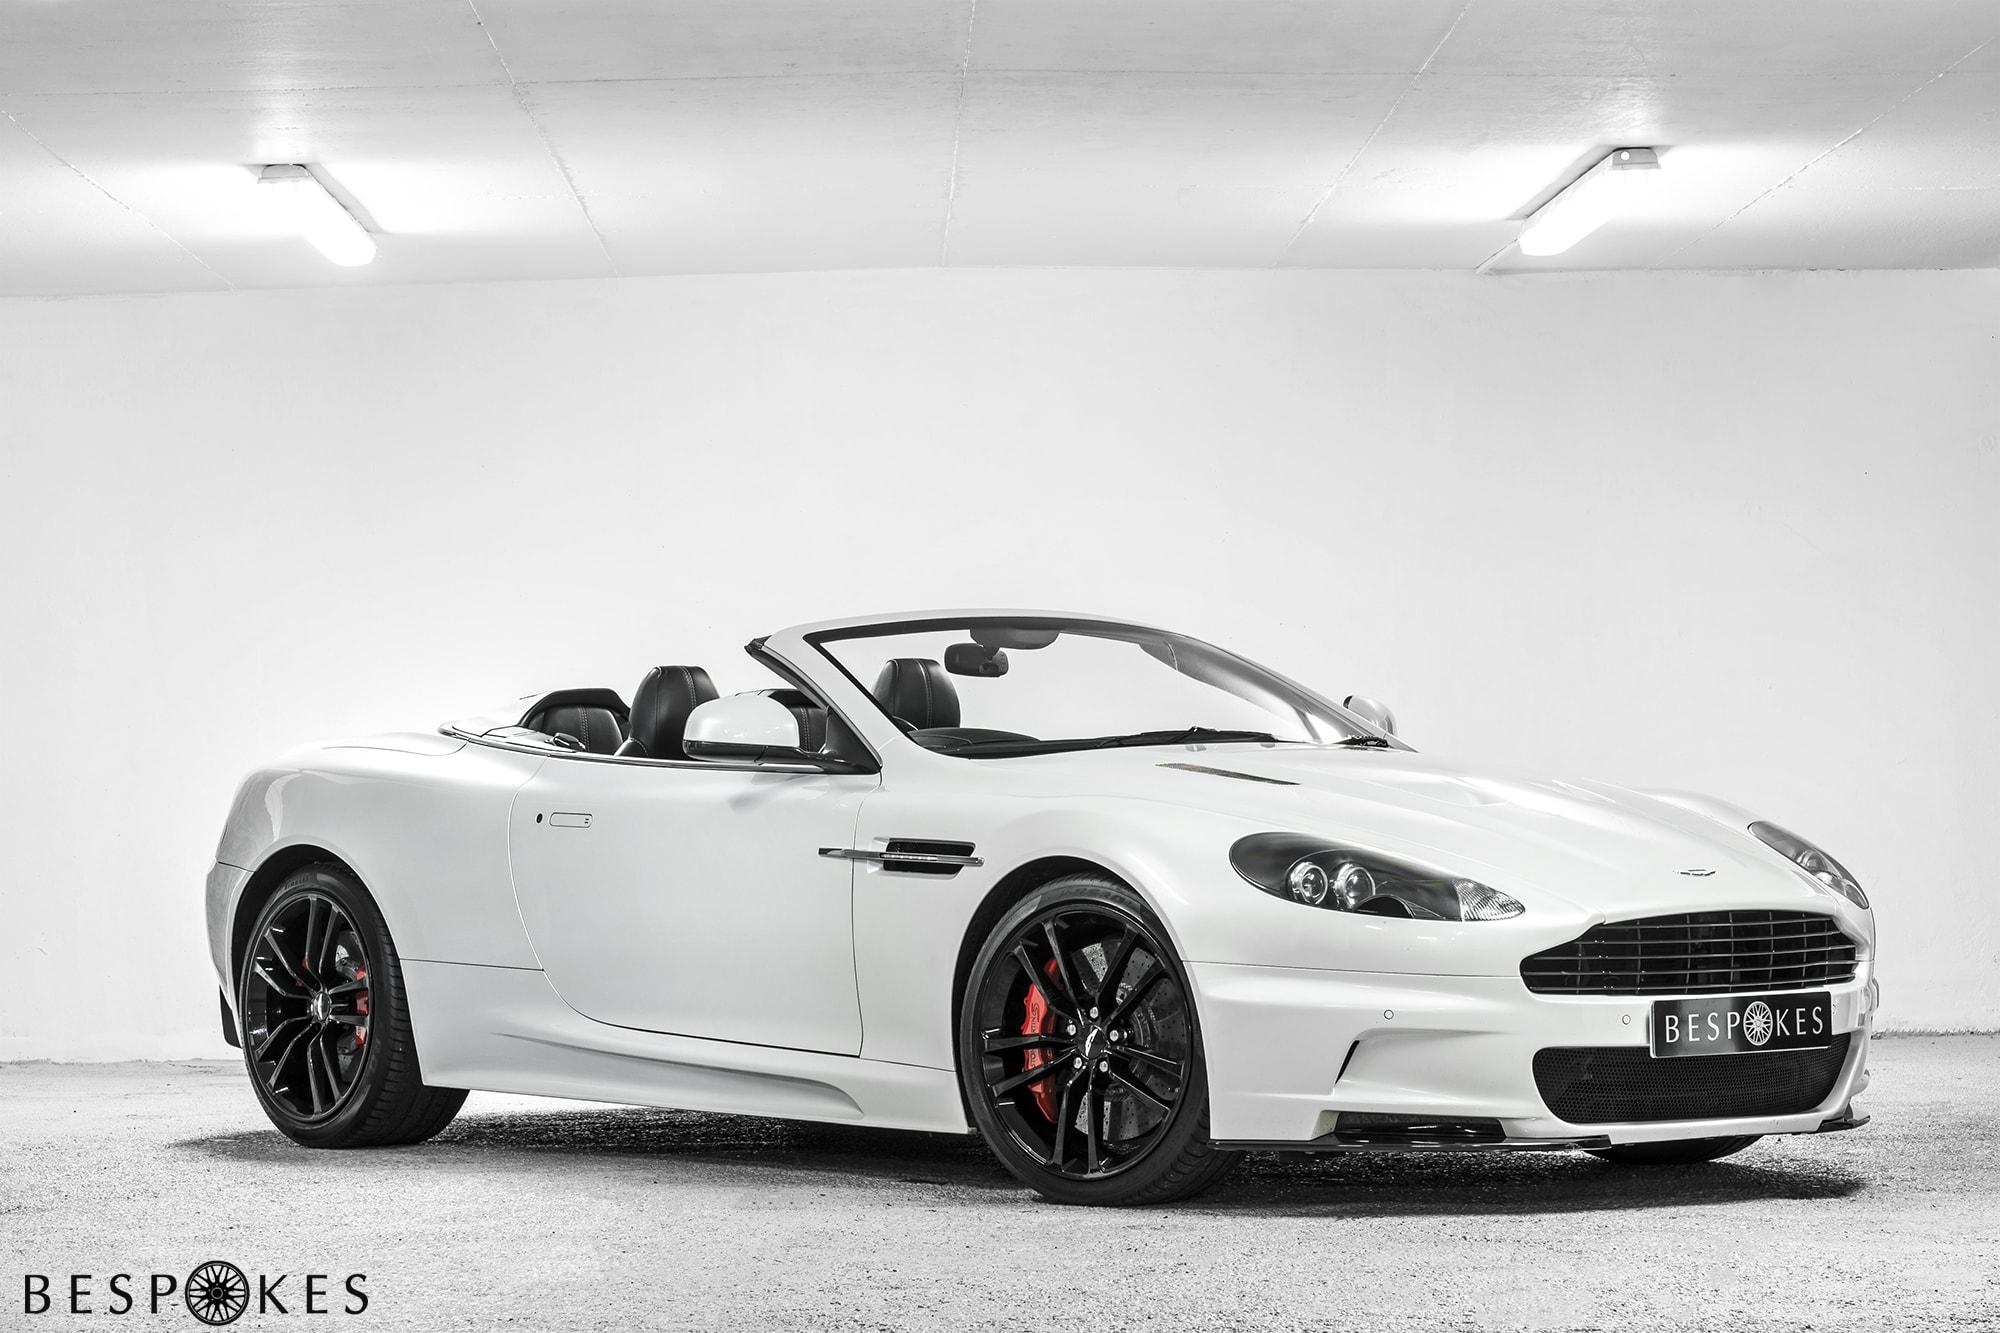 Aston Martin Dbs Bespokes